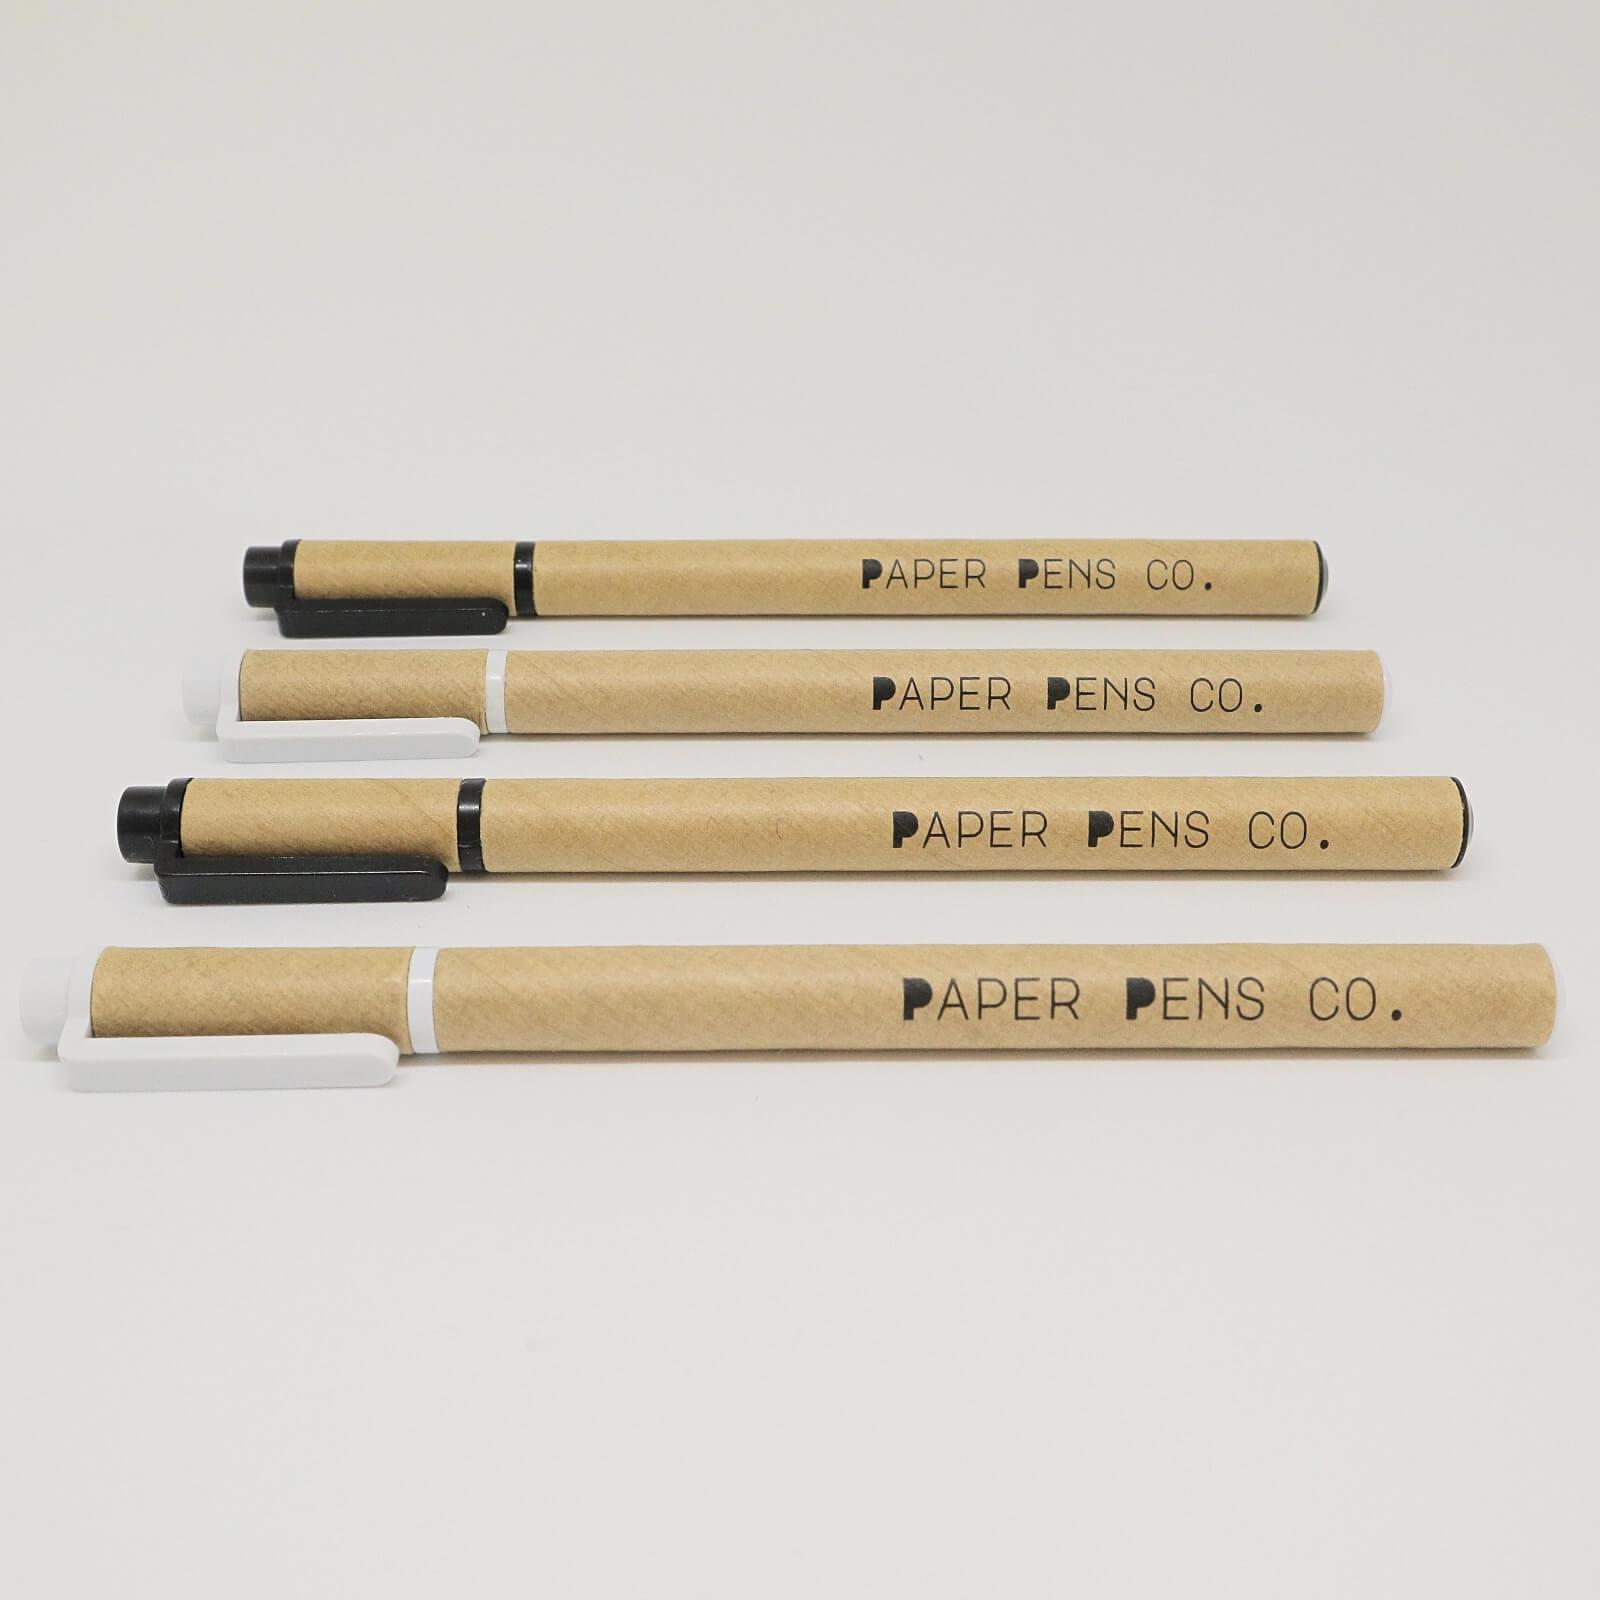 4 paper pens image